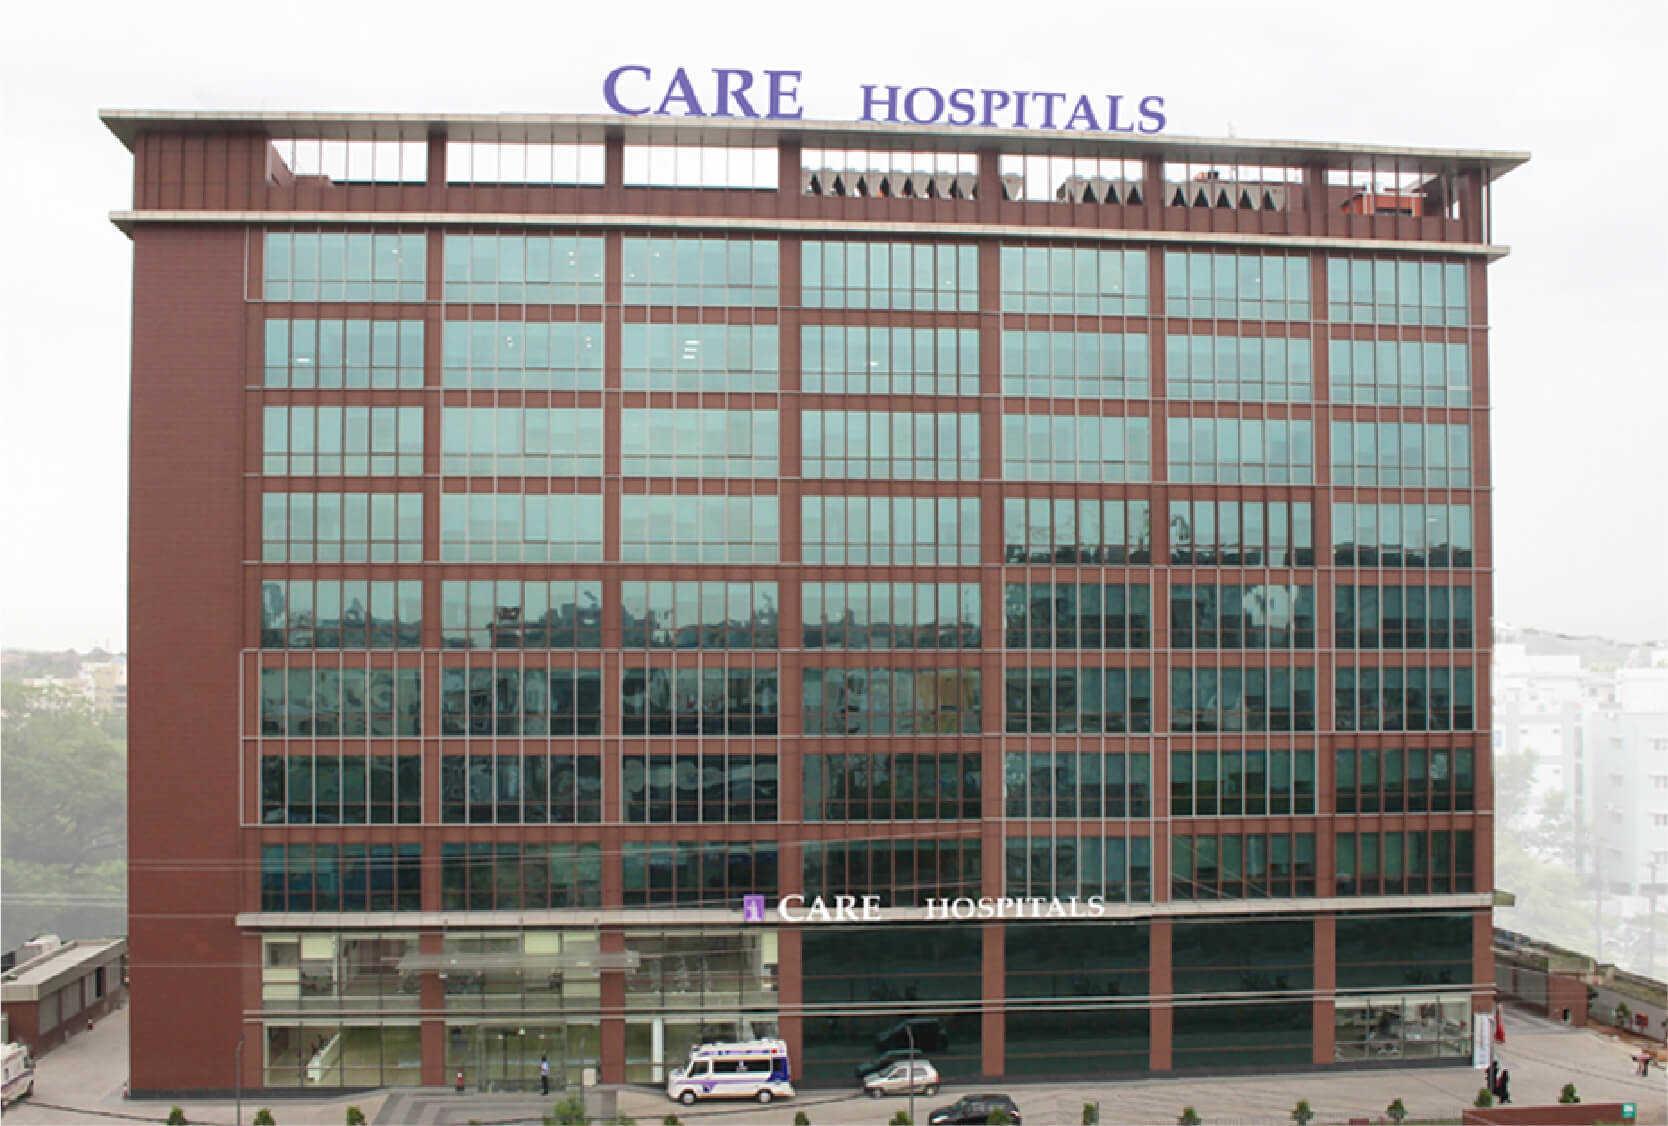 Care hospitals hi tech city